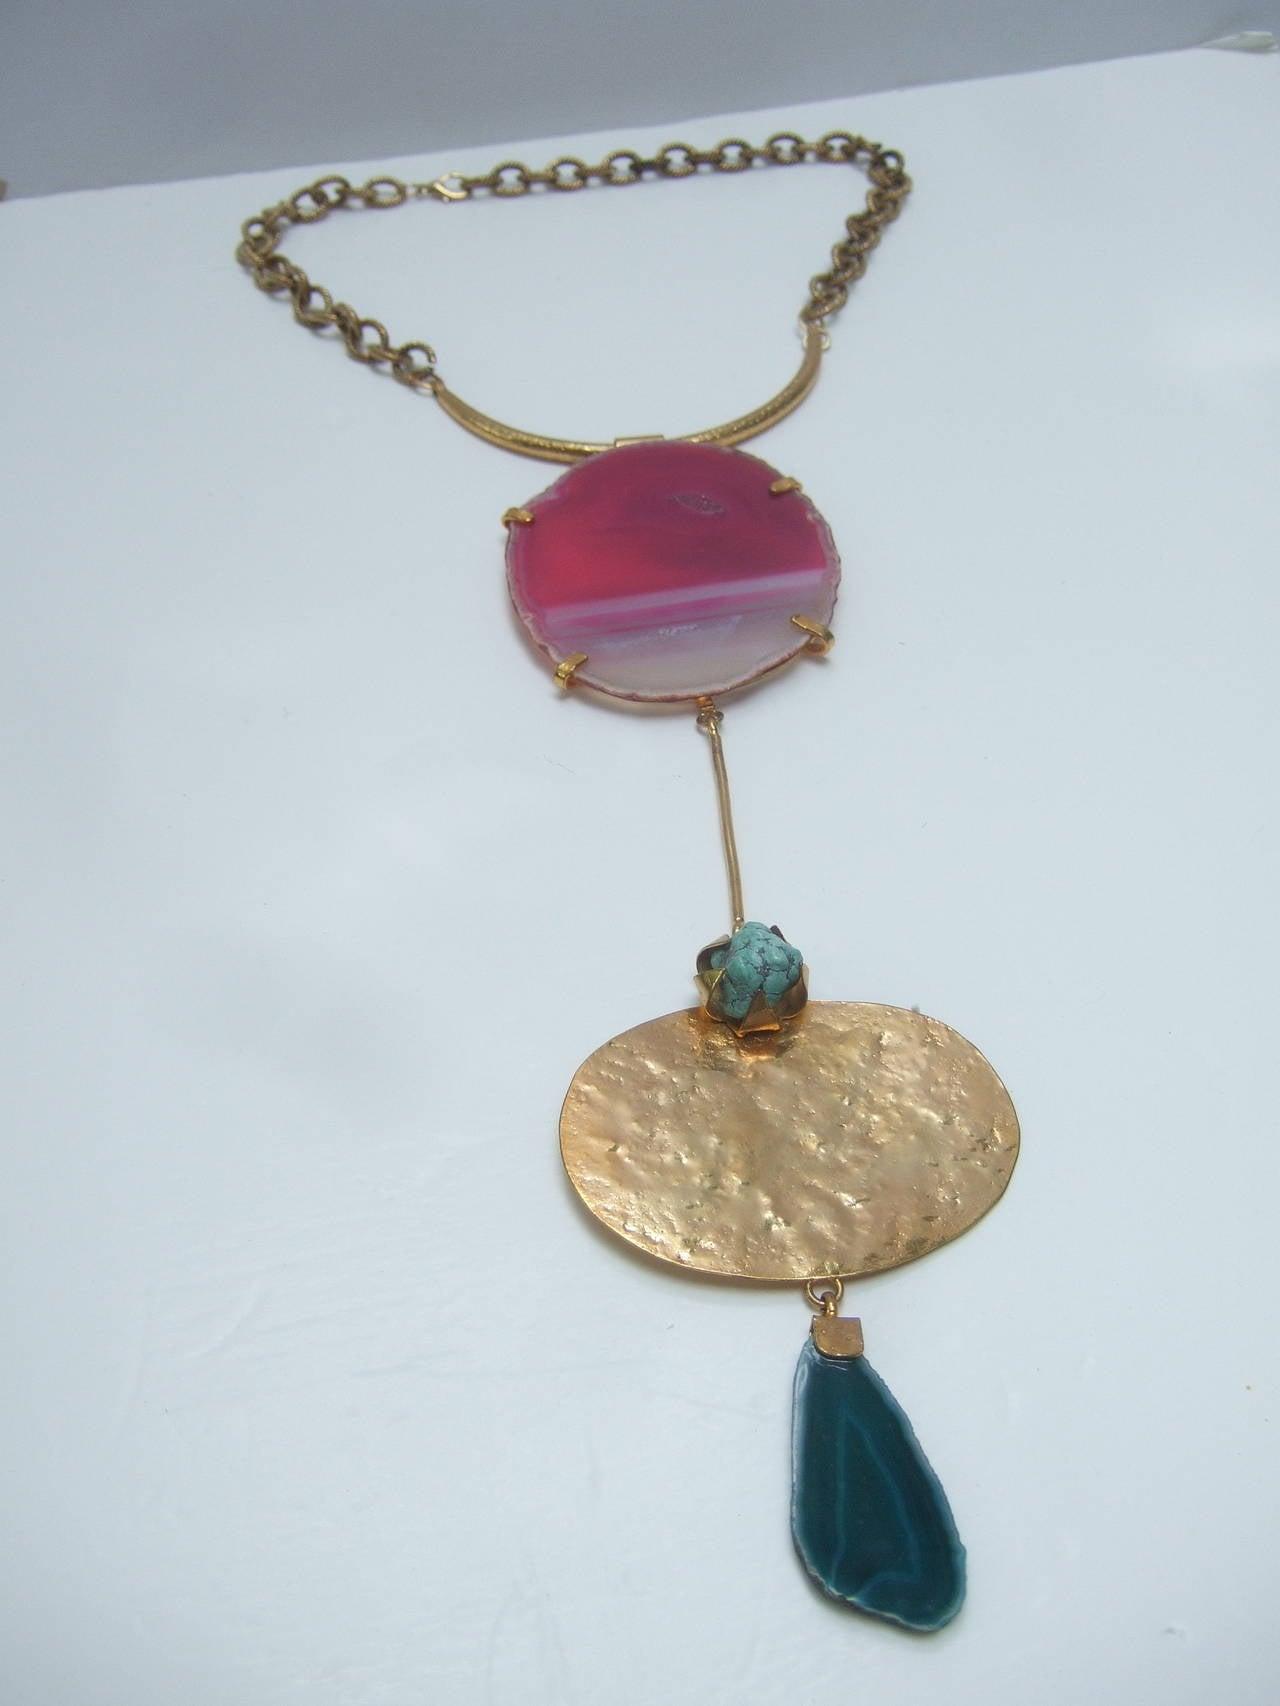 Philippe Ferrandis Paris Magnificent Agate Pendant Necklace For Sale 1